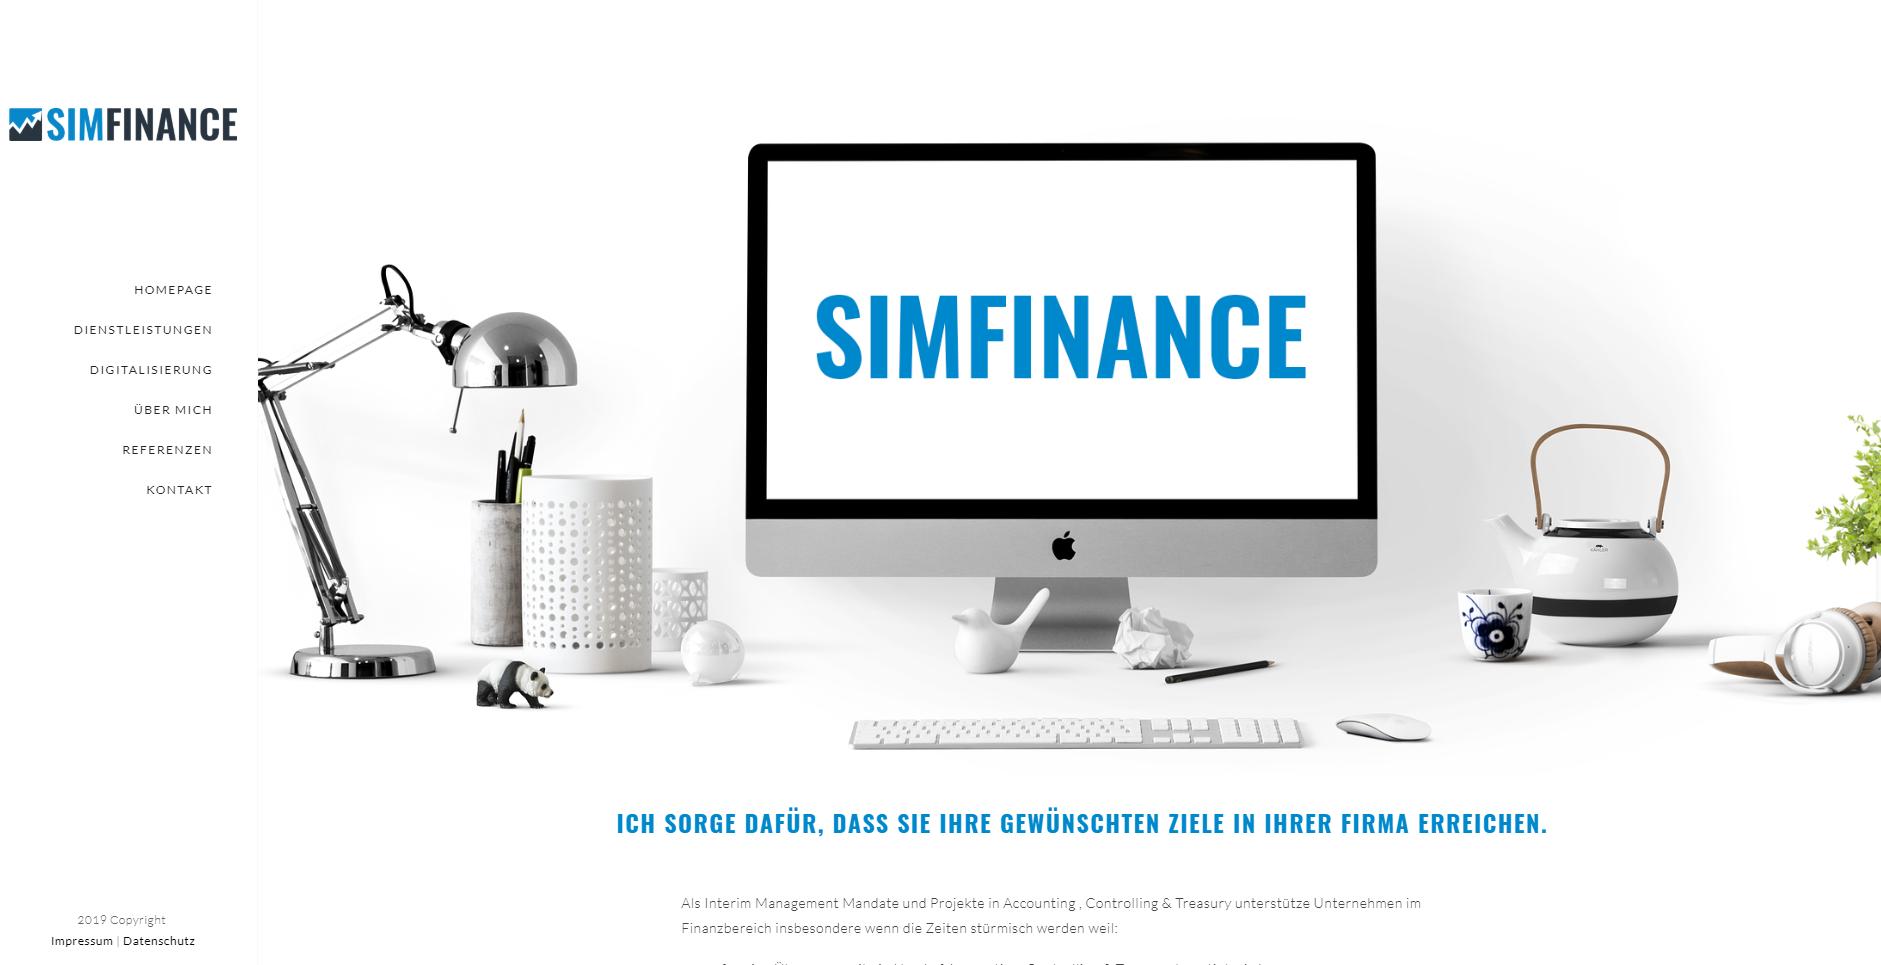 SimFinance